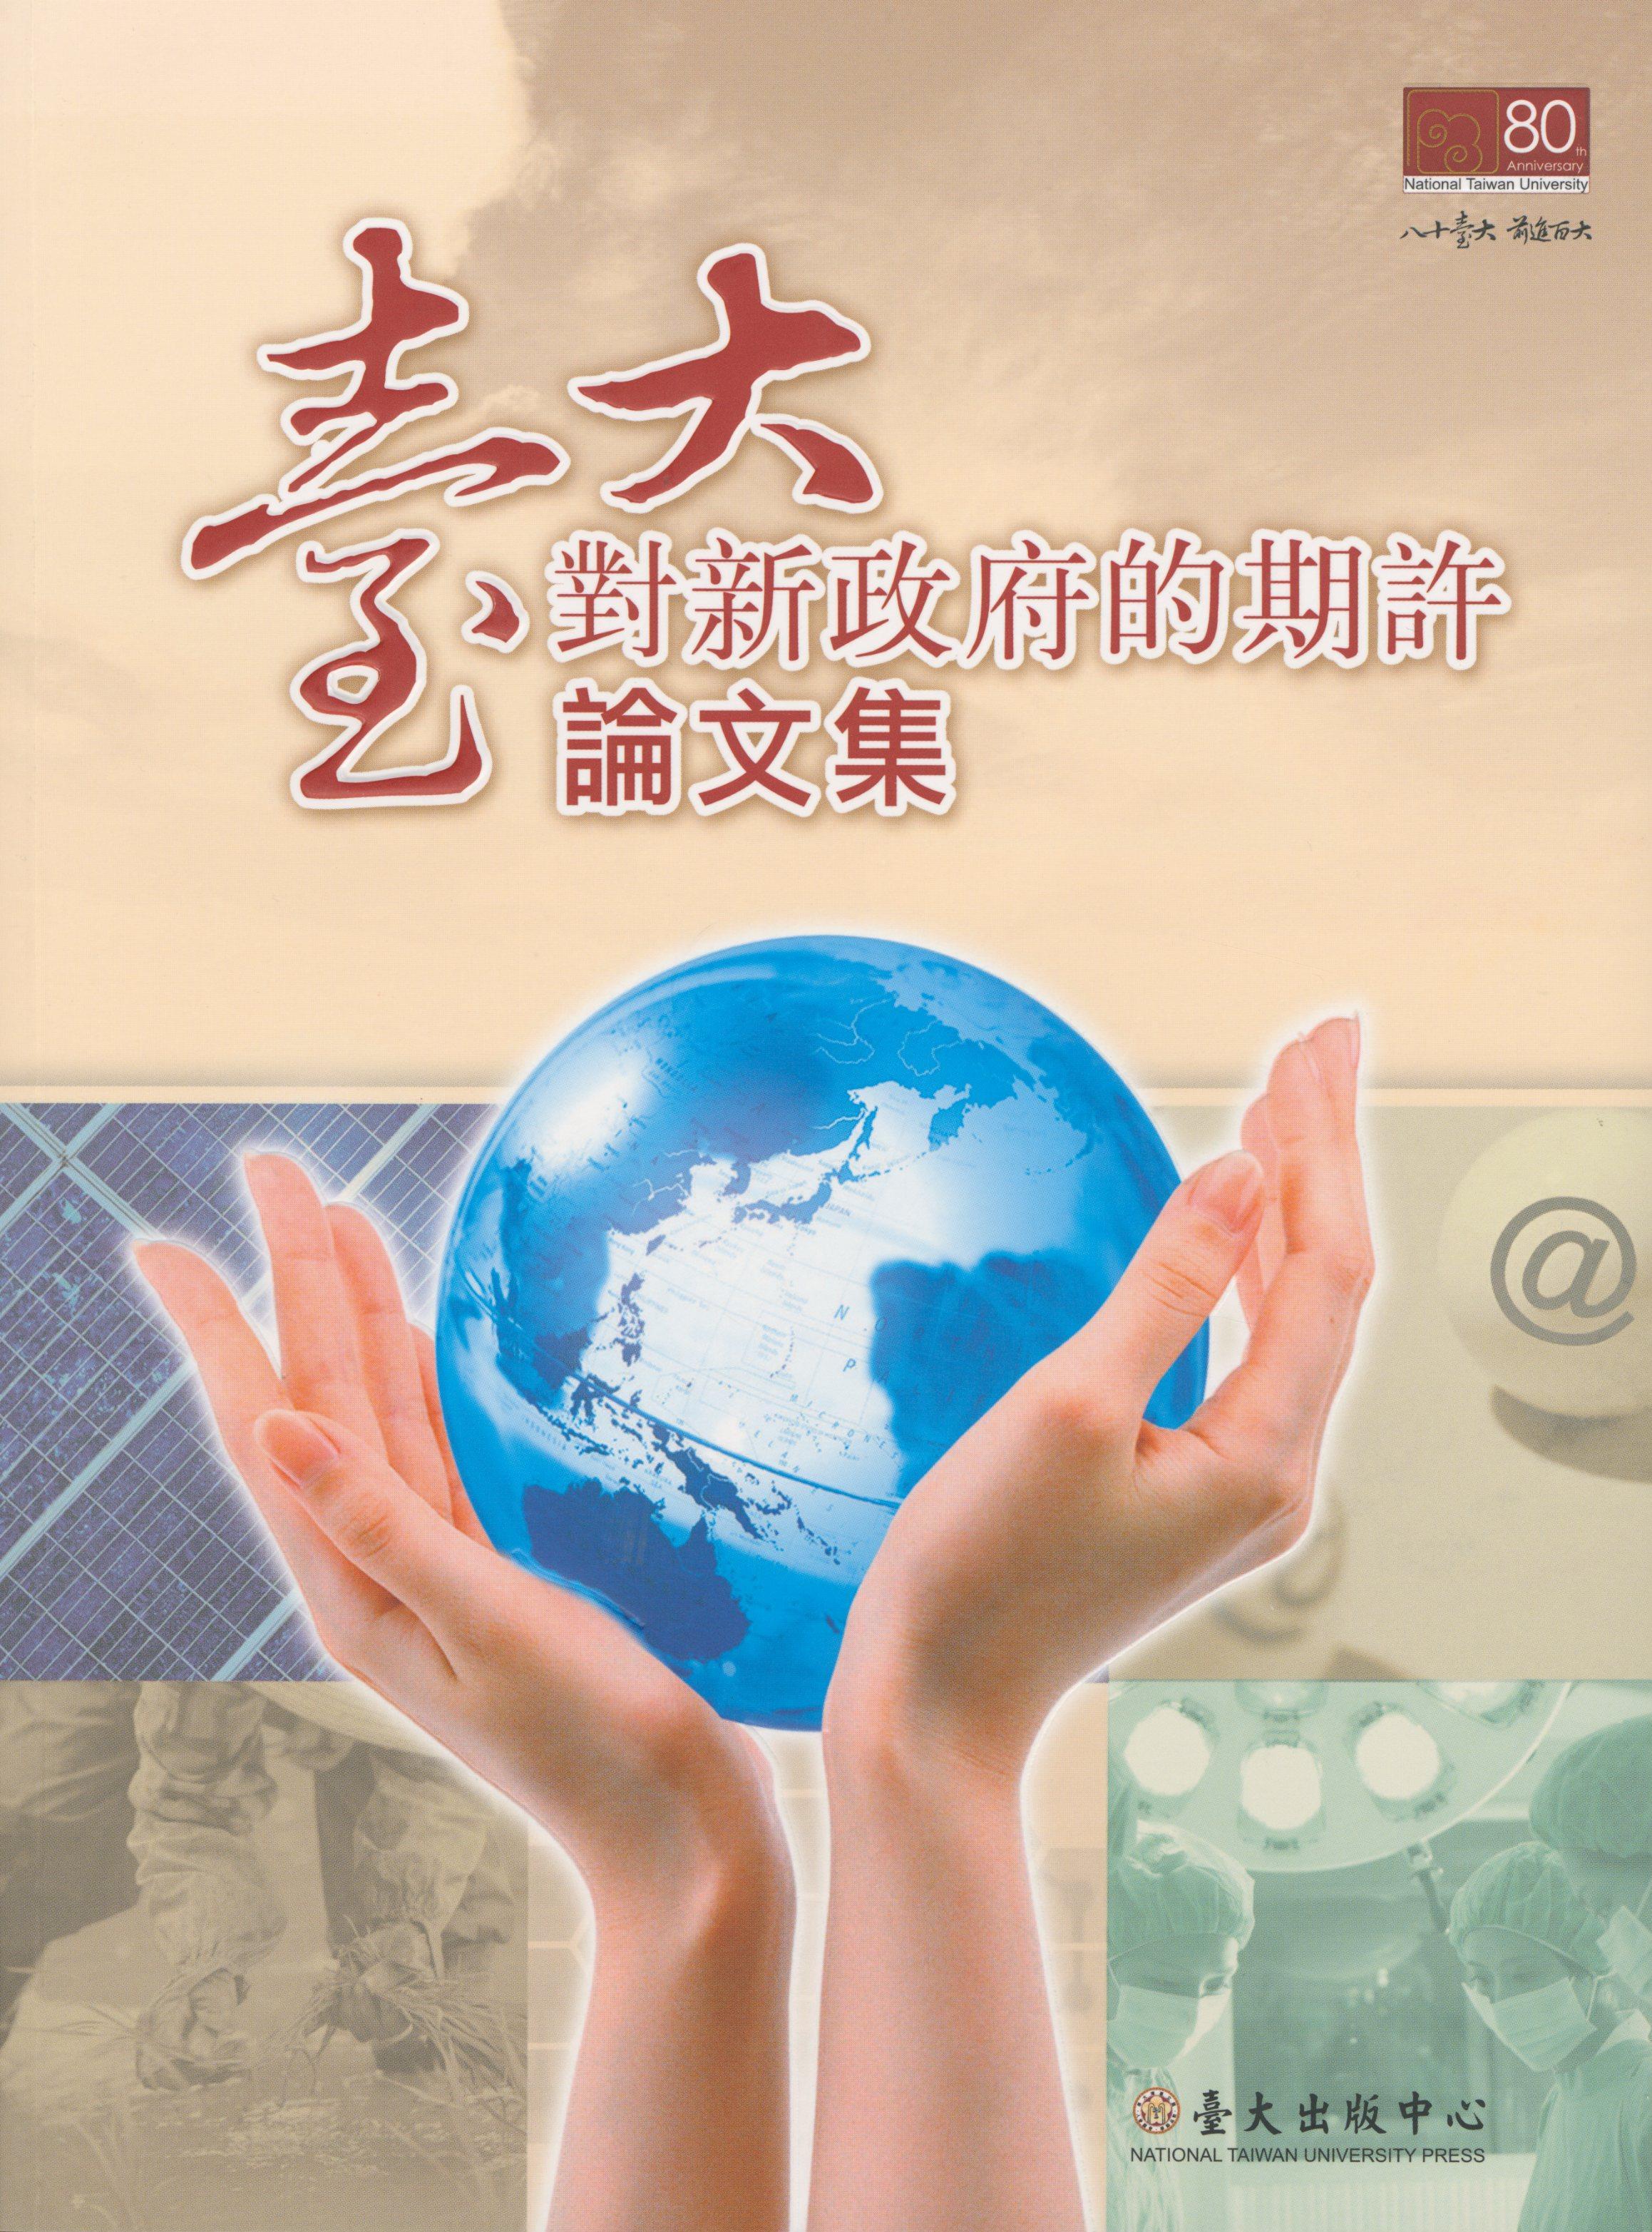 臺大對新政府的期許論文集(已絕版)